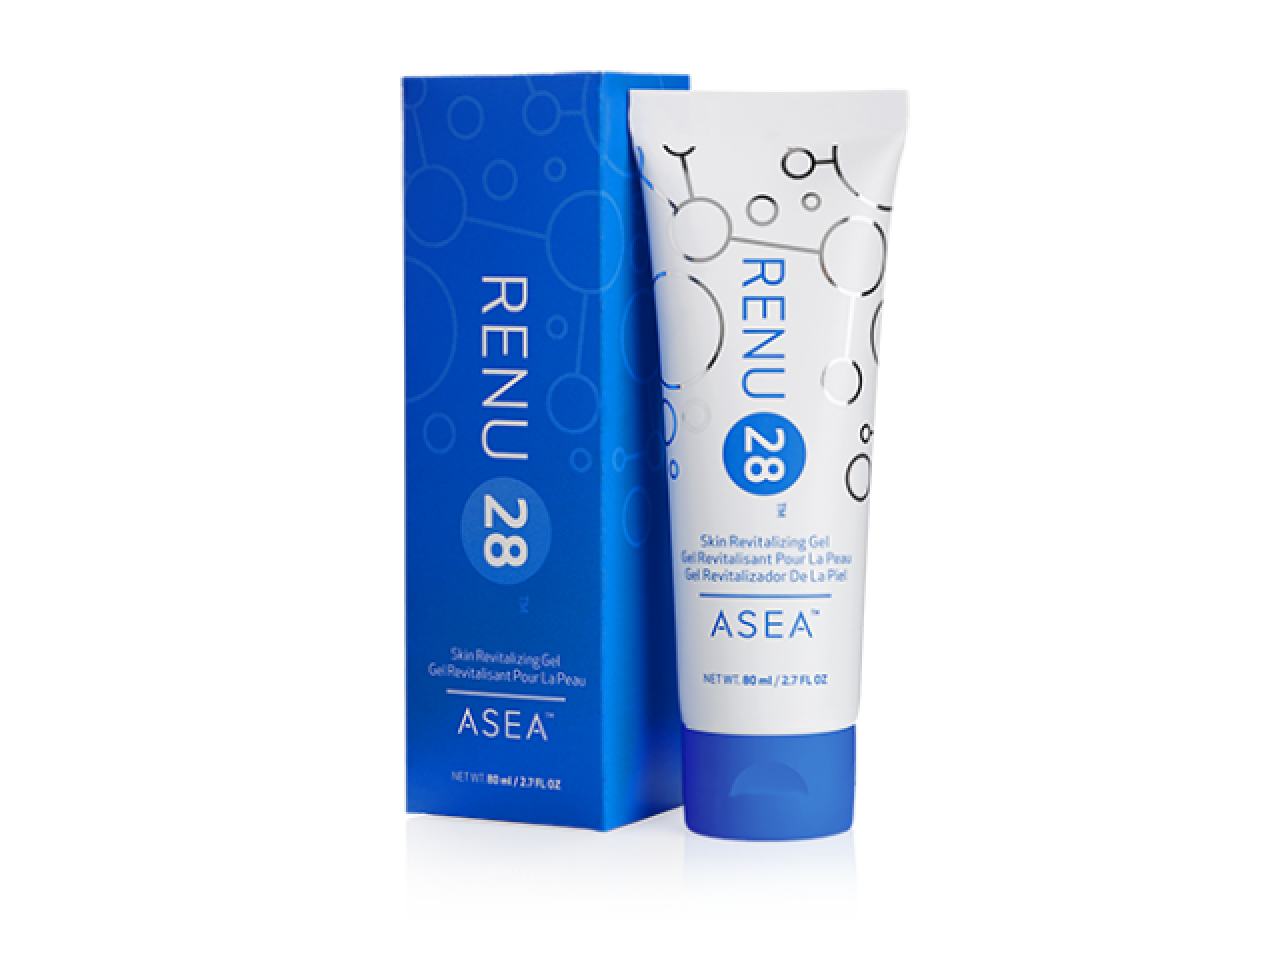 Инновационный гель Renu 28 - естественный путь к по-настоящему здоровой коже! - 1